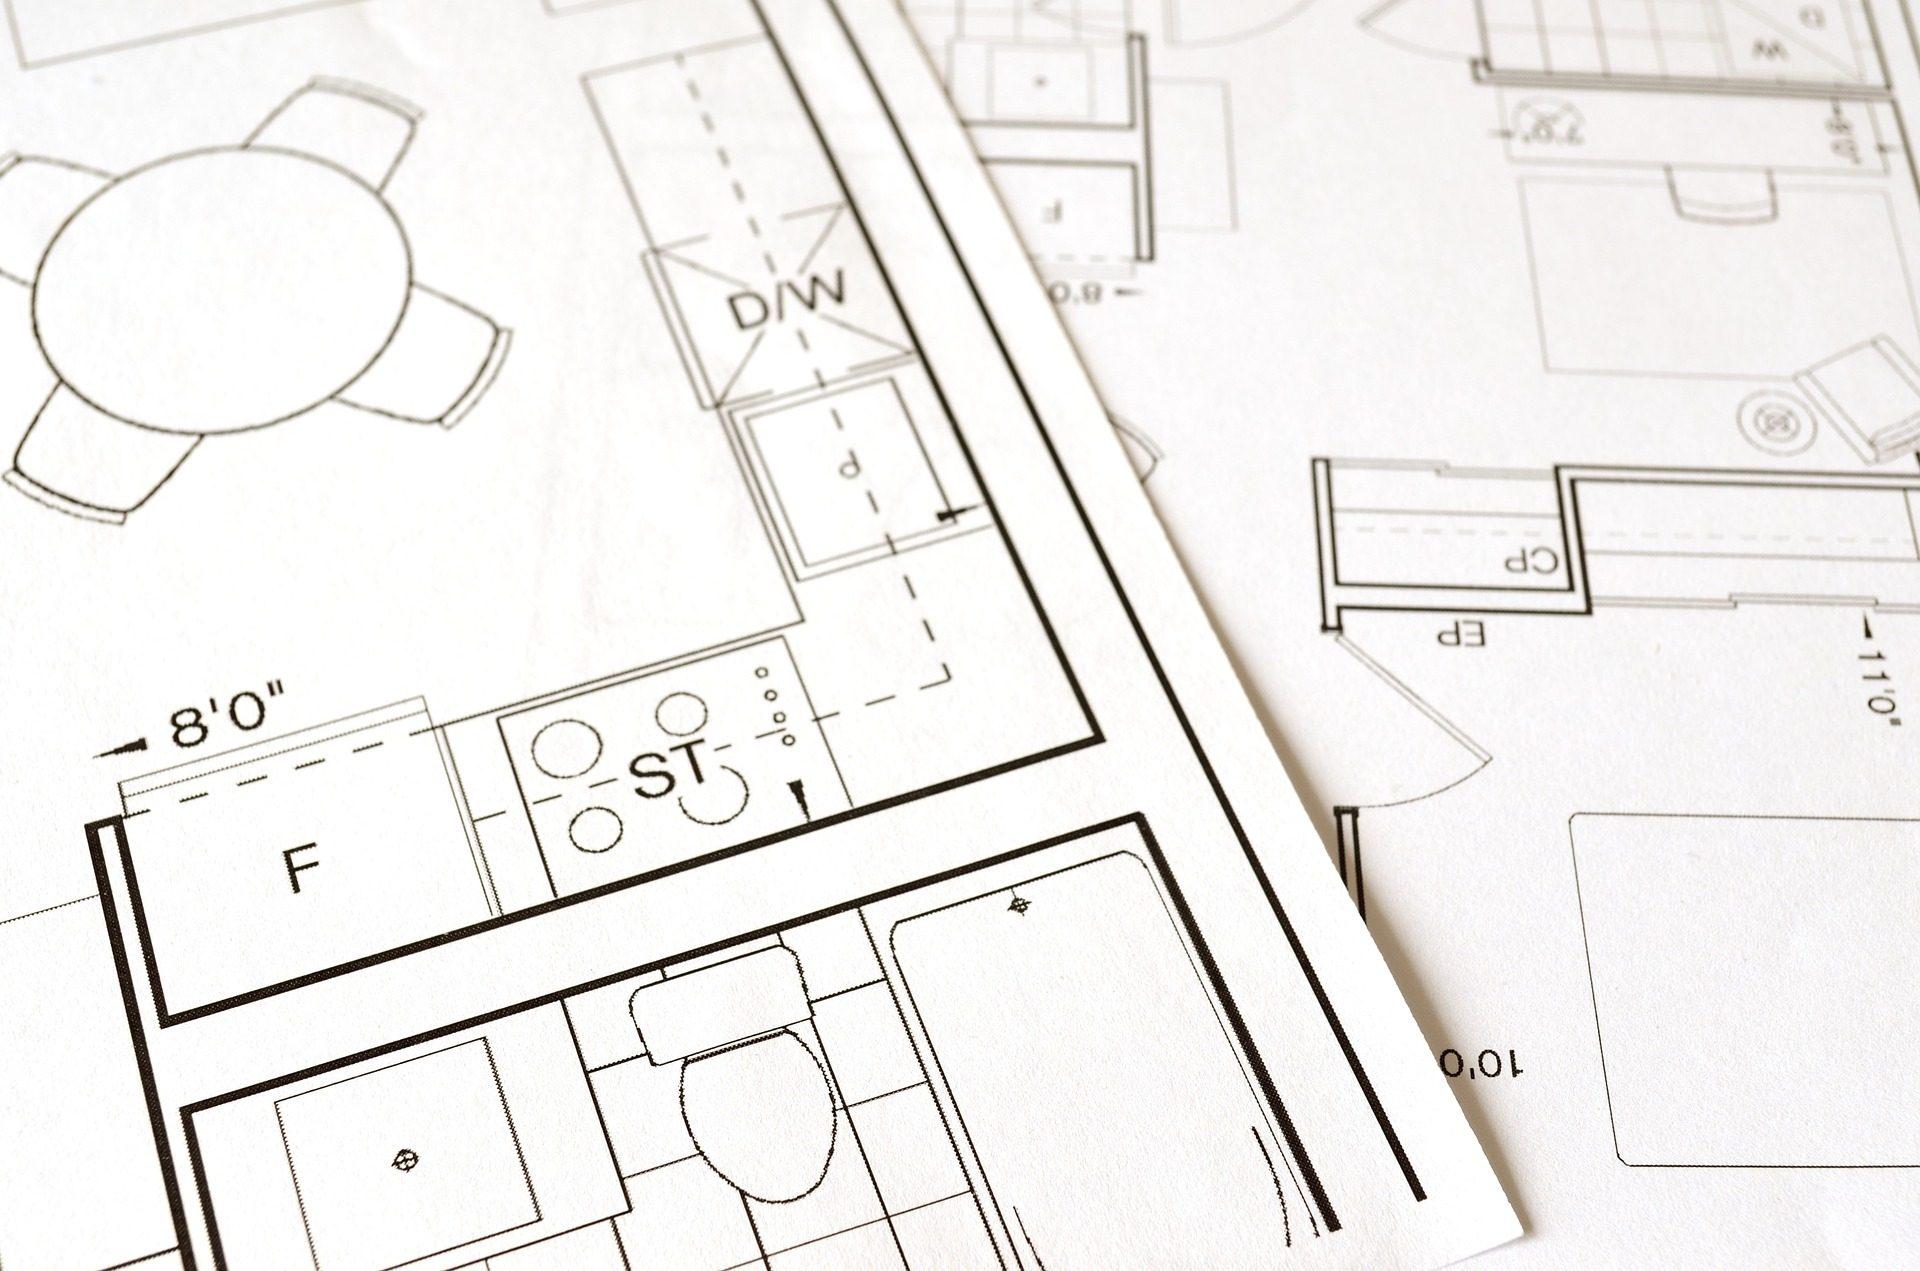 الطائرات, تصاميم, الهندسة المعمارية, التدابير, السكتات الدماغية - خلفيات عالية الدقة - أستاذ falken.com